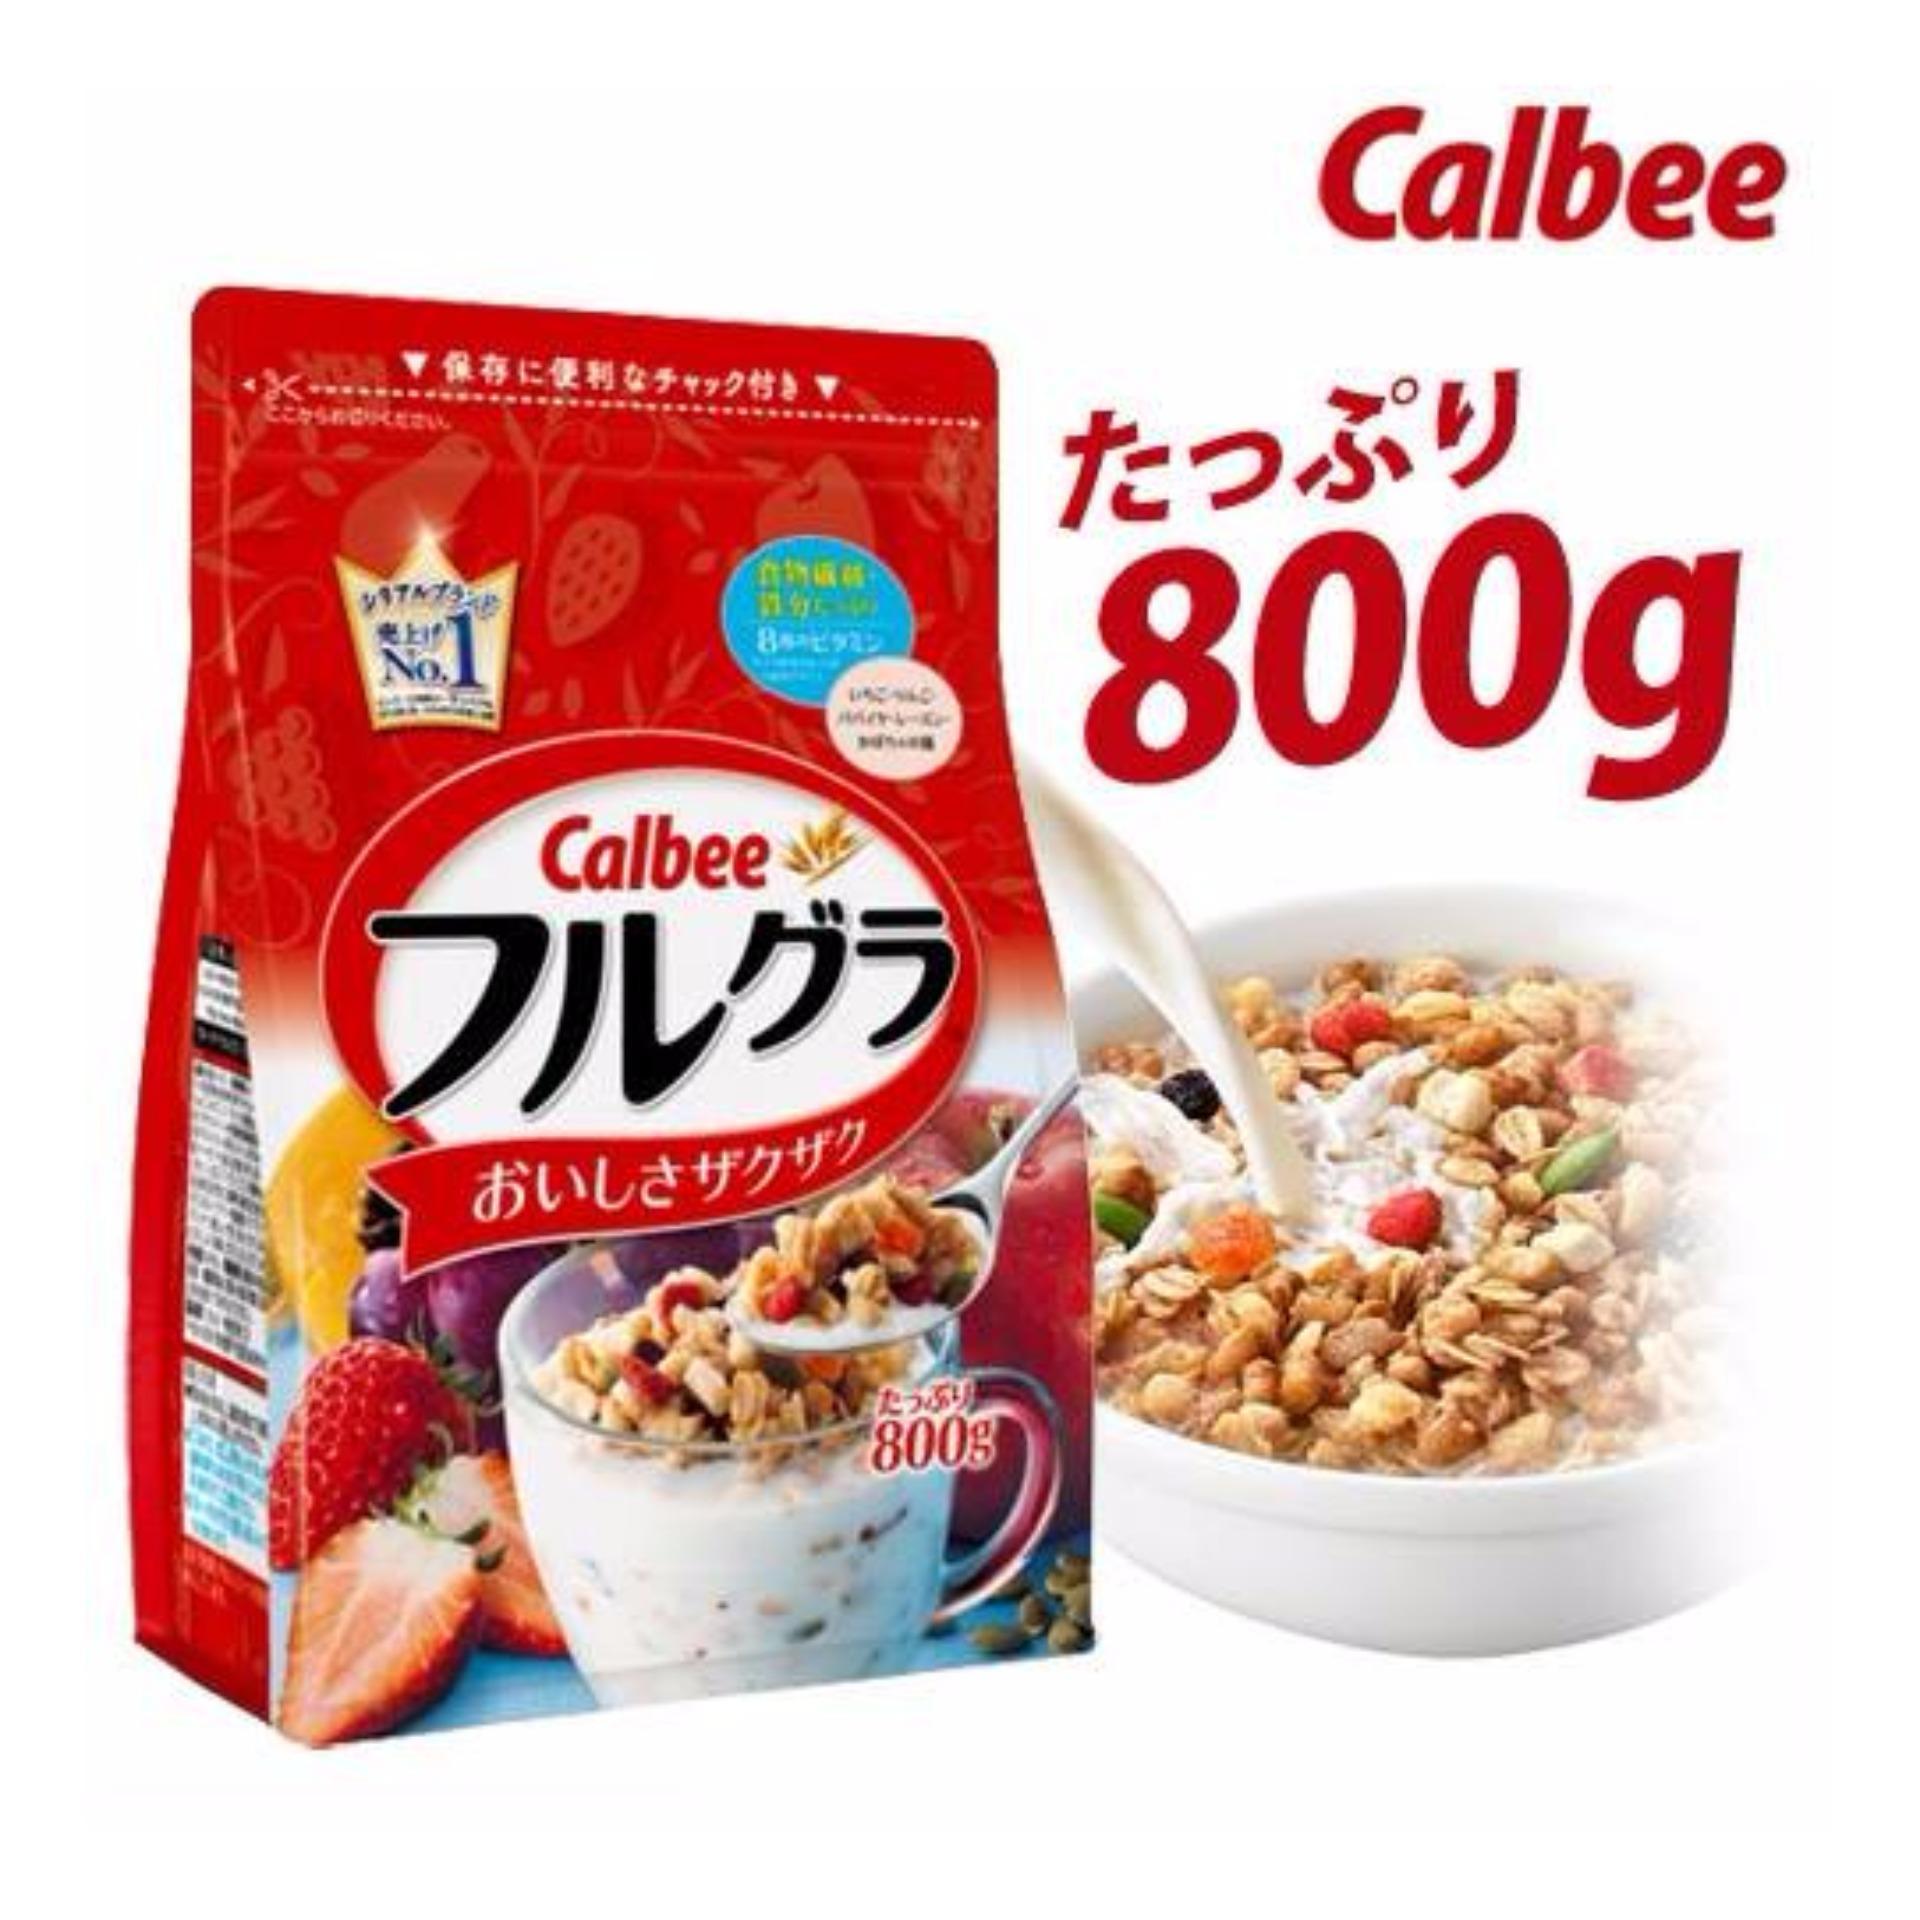 Date mới nhất 9.10.2018 Ngũ cốc Calbee Nhật Bản 800g